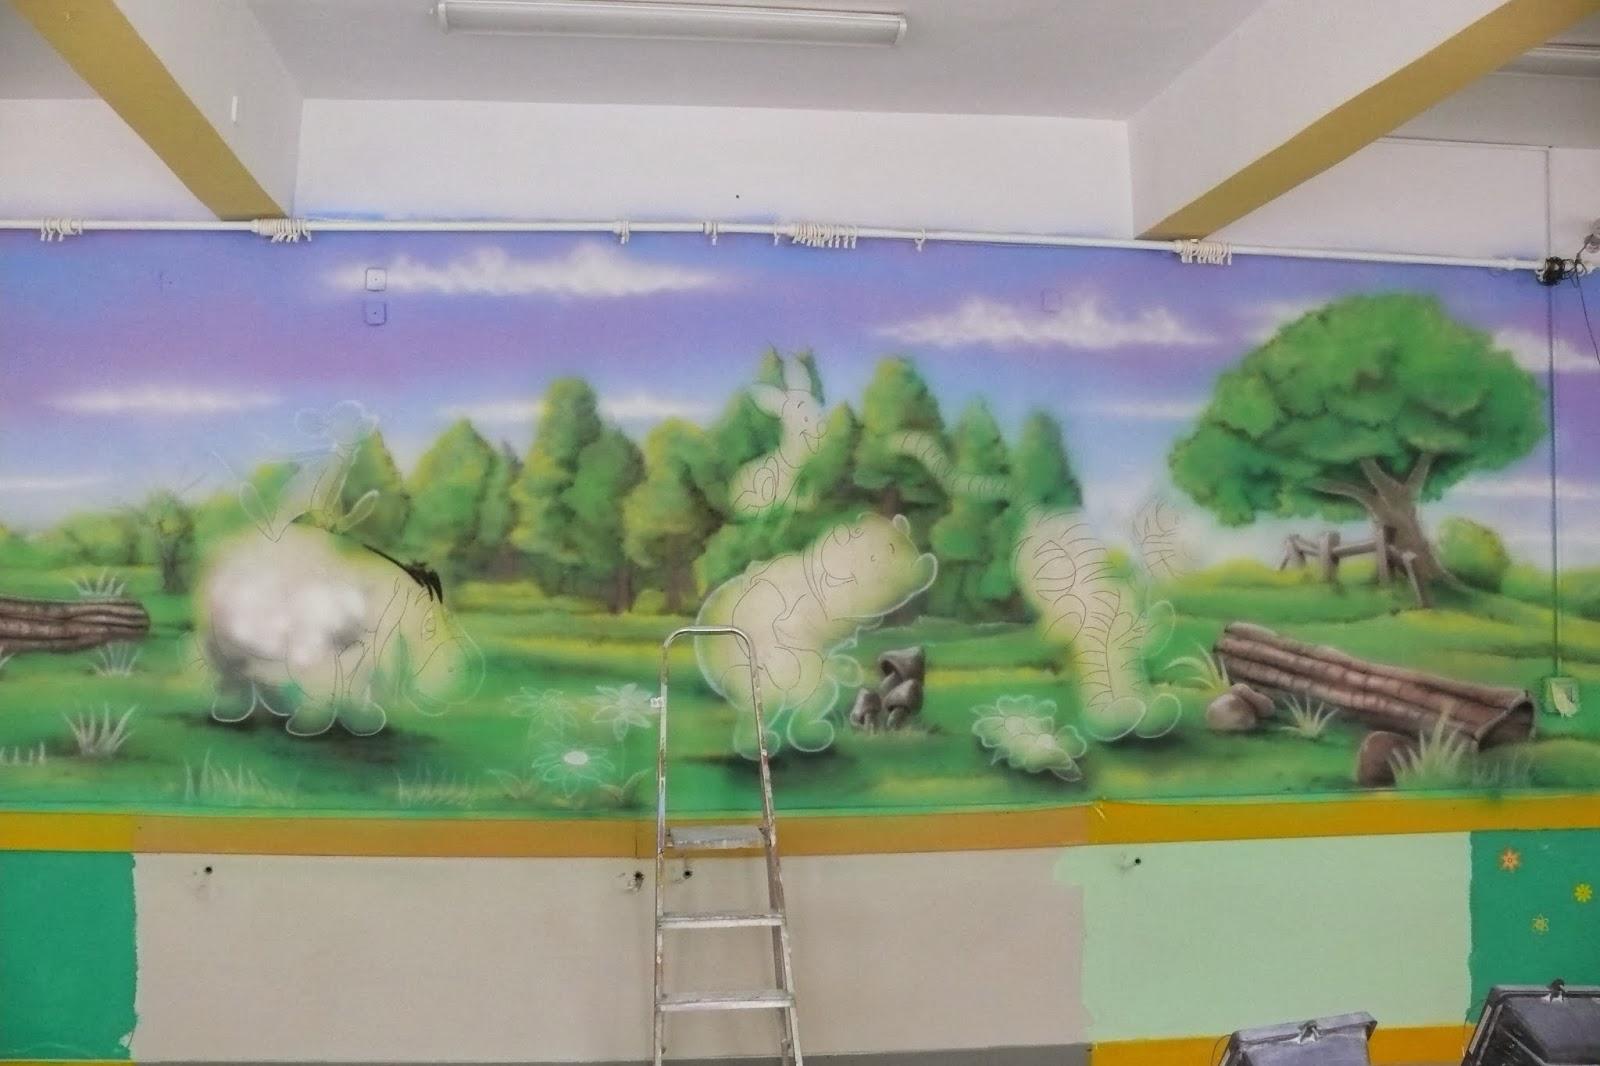 Malowanie na ścianie motywu z bajki Kubuś Puchatek i przyjaciele, Warszawa malarstwo ścienne